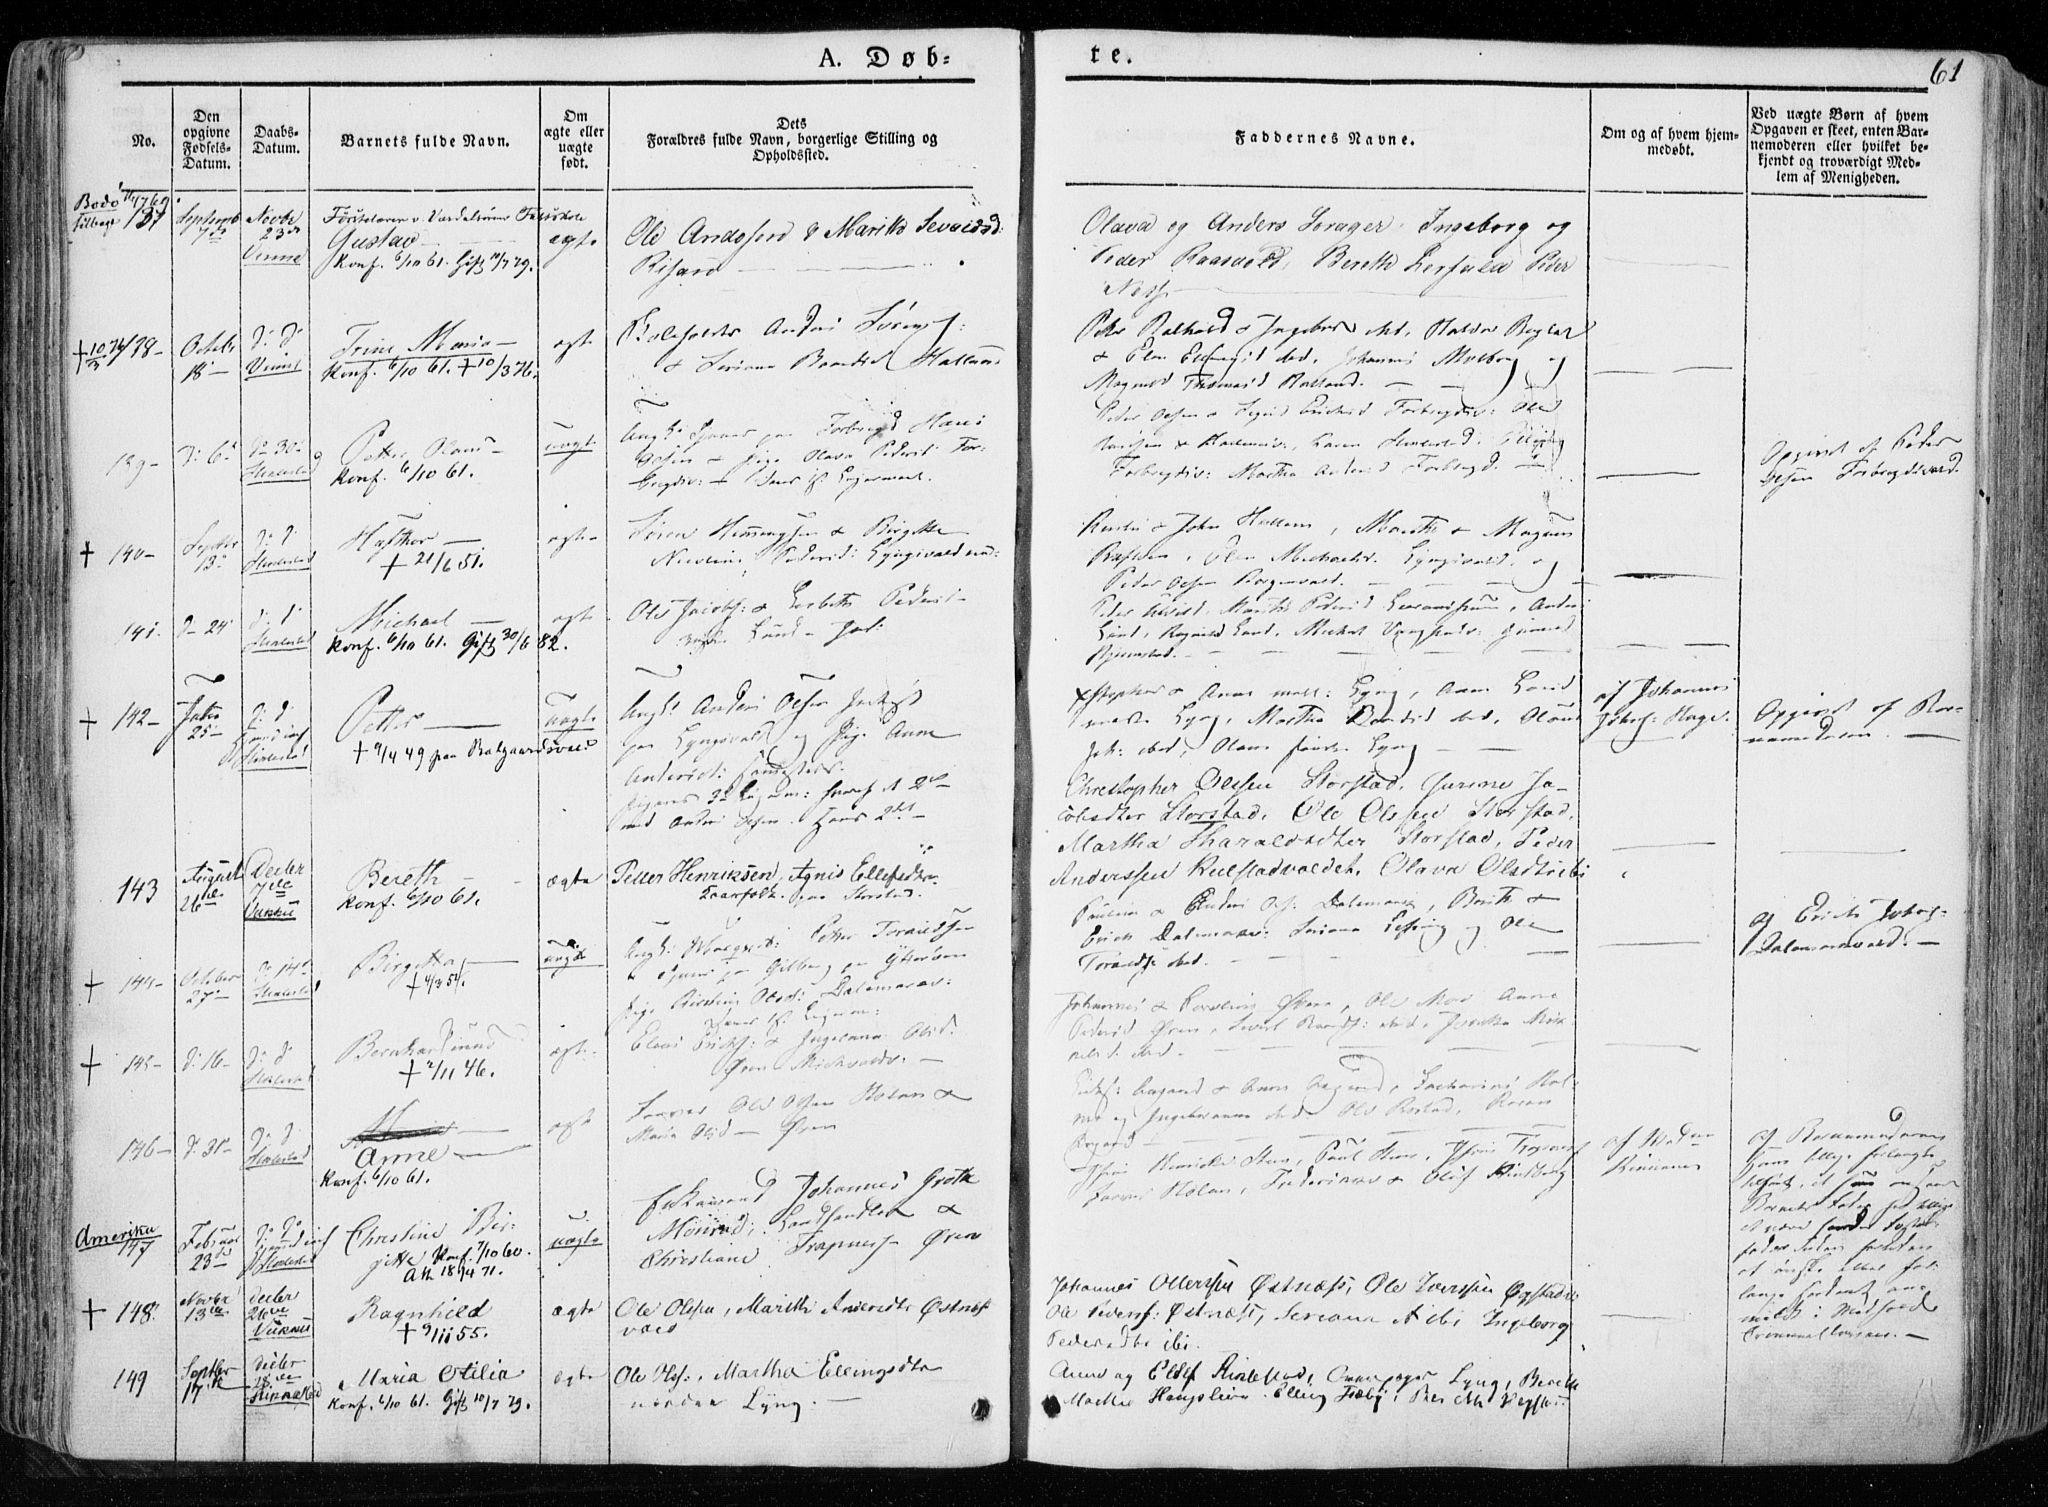 SAT, Ministerialprotokoller, klokkerbøker og fødselsregistre - Nord-Trøndelag, 723/L0239: Ministerialbok nr. 723A08, 1841-1851, s. 61